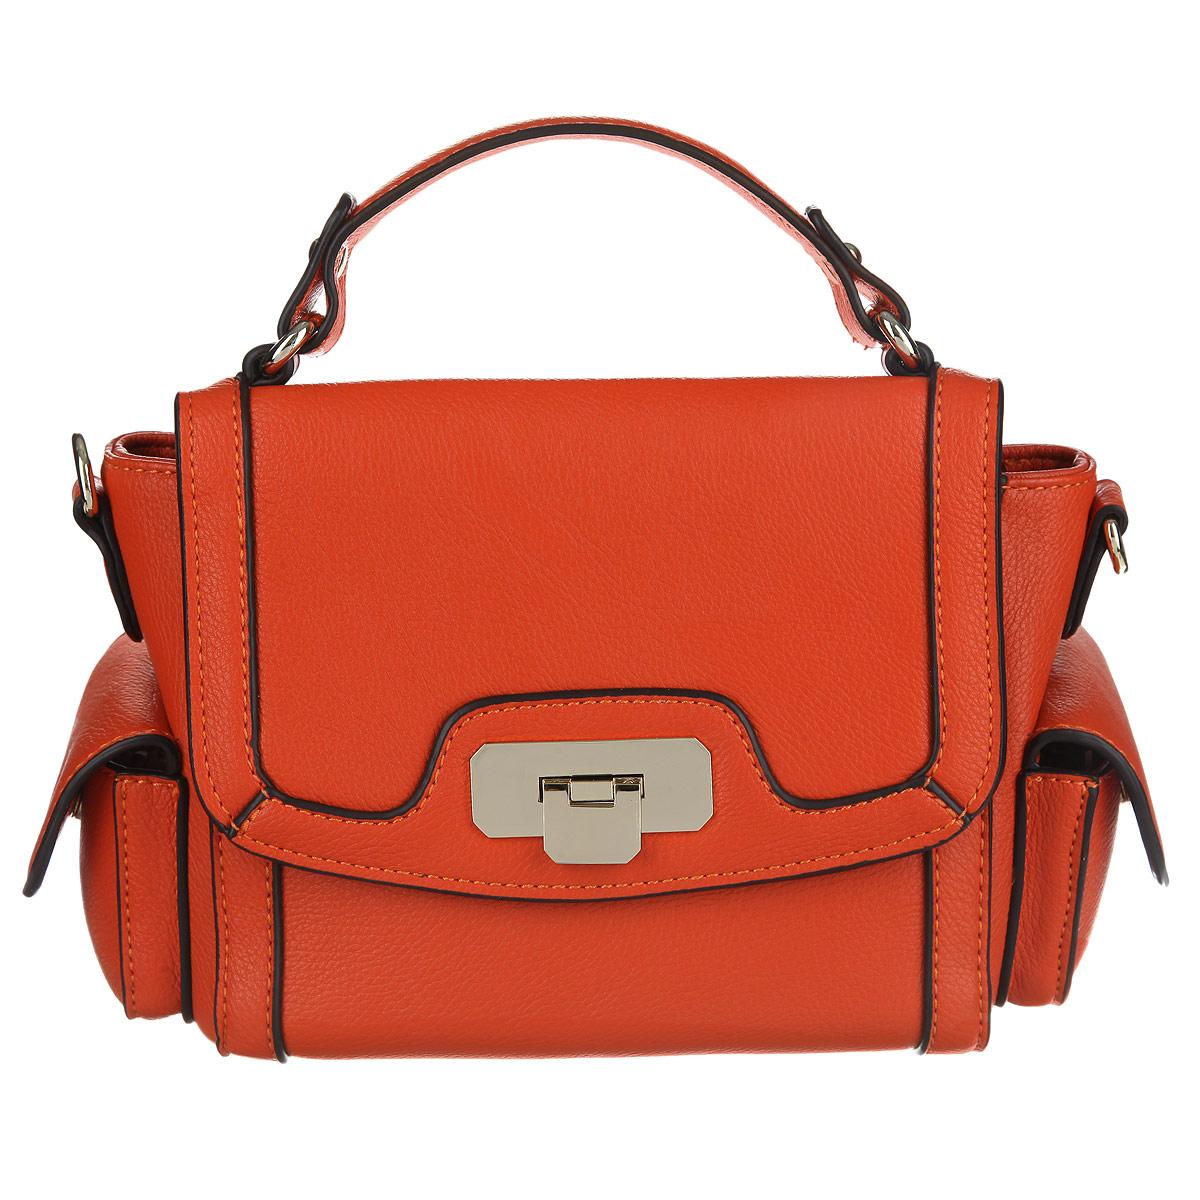 Сумка женская Milana, цвет: оранжевый. 142615-1-127142615-1-127Стильная женская сумка Milana изготовлена из искусственной кожи, закрывается на молнию и клапан с замком-защелкой. Сумка состоит из одного отделения, разделенного перегородкой. Внутри есть один накладной карман для телефона и мелочей, и один врезной карман на молнии. По бокам сумки расположены накладные кармашки, закрывающиеся на клапаны с магнитными кнопками. В комплекте съемный плечевой ремень регулируемой длины. Ремень крепится на металлическую фурнитуру по бокам сумки с помощью карабинов. В комплекте чехол для хранения. Подойдет к любому летнему или вечернему наряду. Эта сумка не останется незамеченной. Прекрасно подходит для модных и стильных девушек, любящих оказываться в центре внимания. Сумка выполнена в изящном стиле.